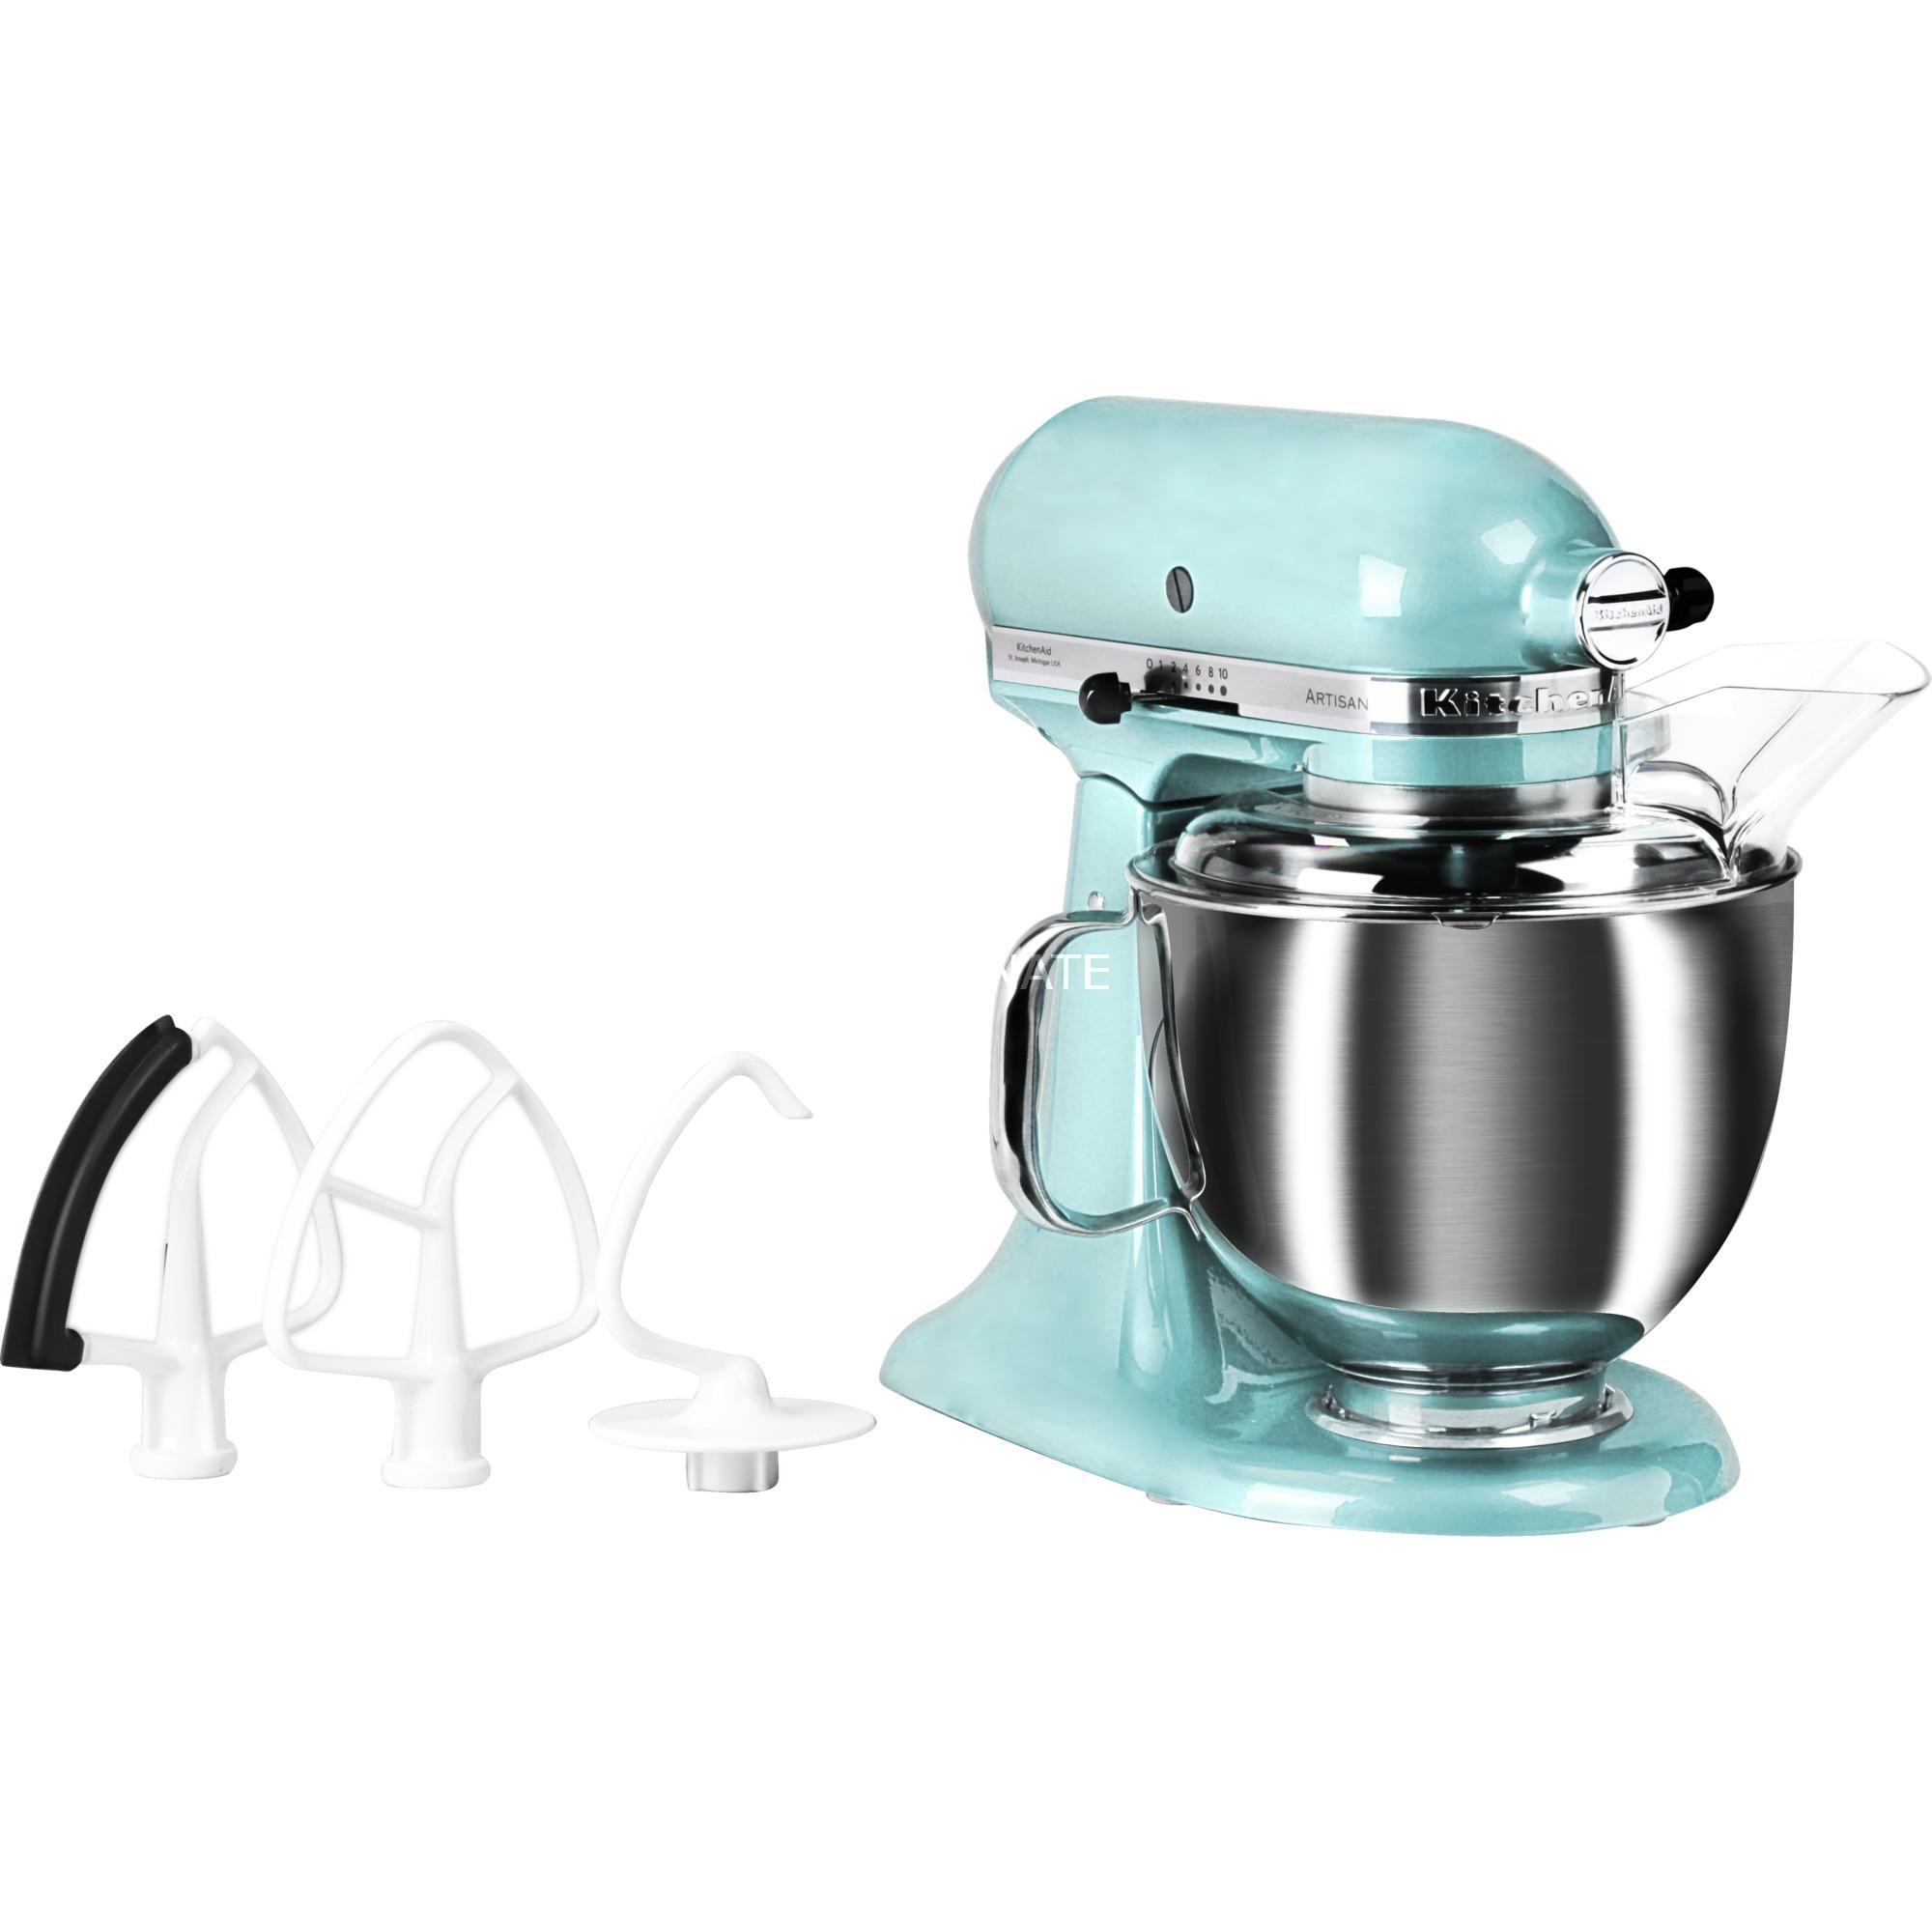 KitchenAid Artisan Mixer-keukenrobot 5KSM175PSEIC keukenmachine ...